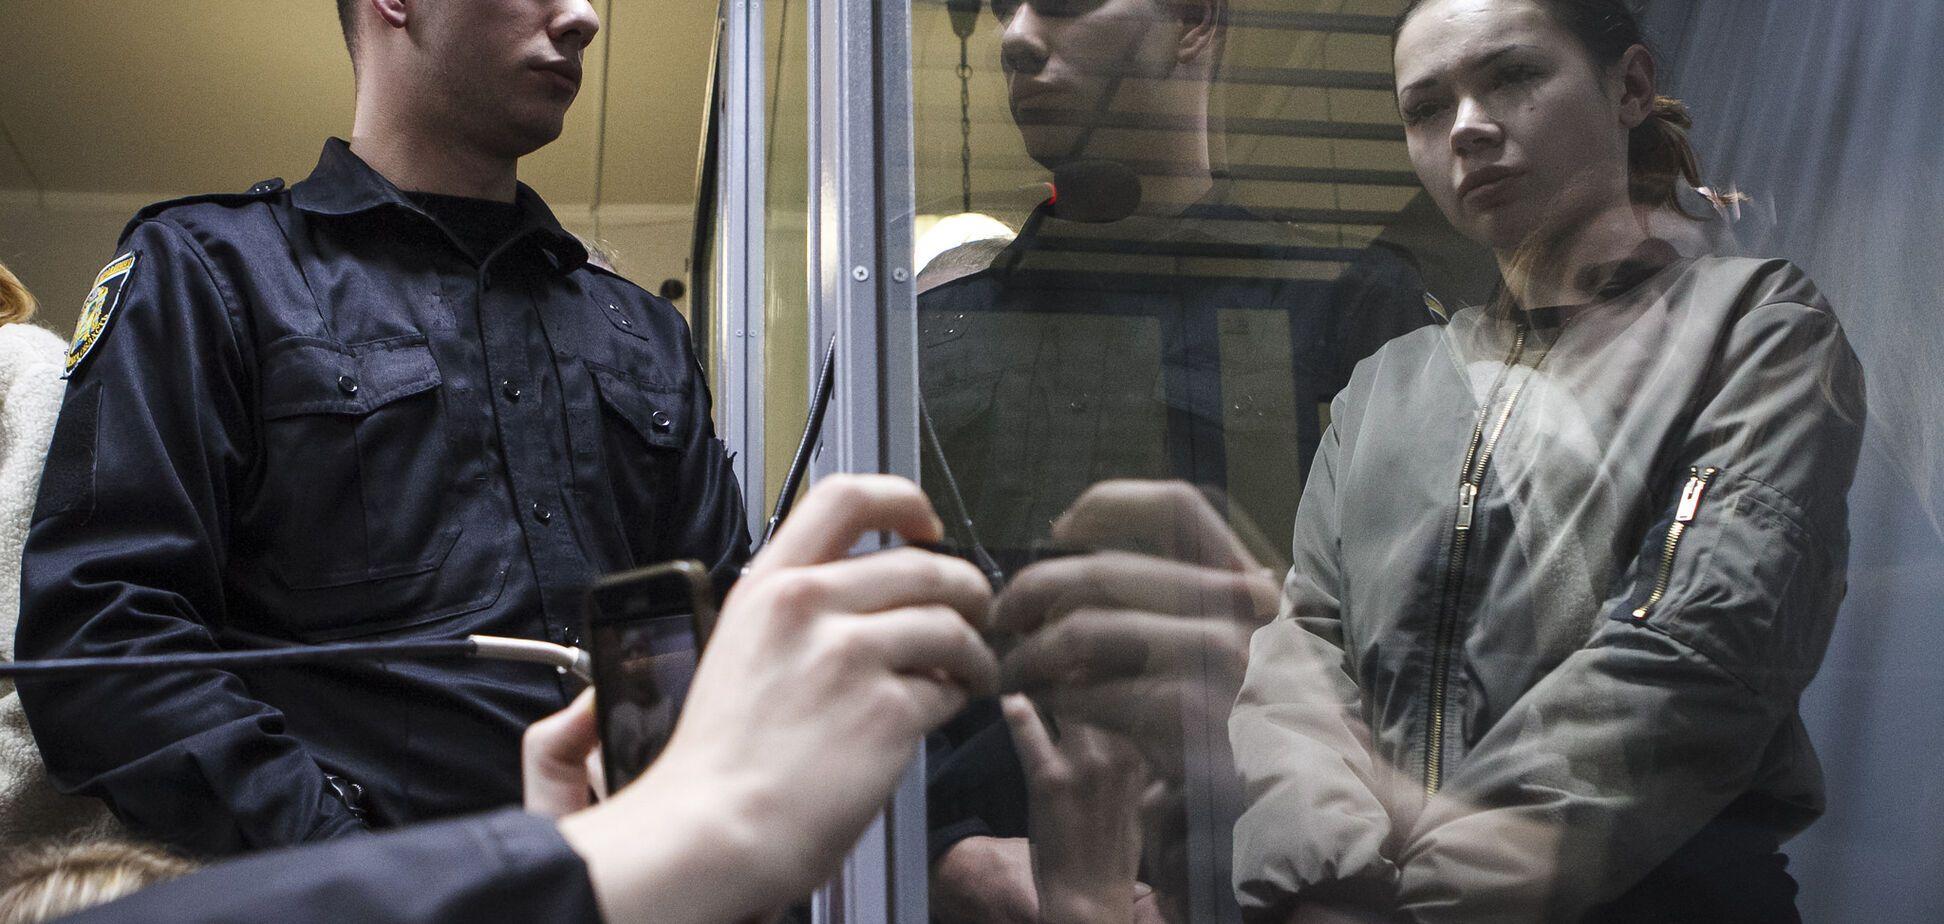 Смертельное ДТП в Харькове: правозащитник пояснил, смягчат ли приговор Зайцевой